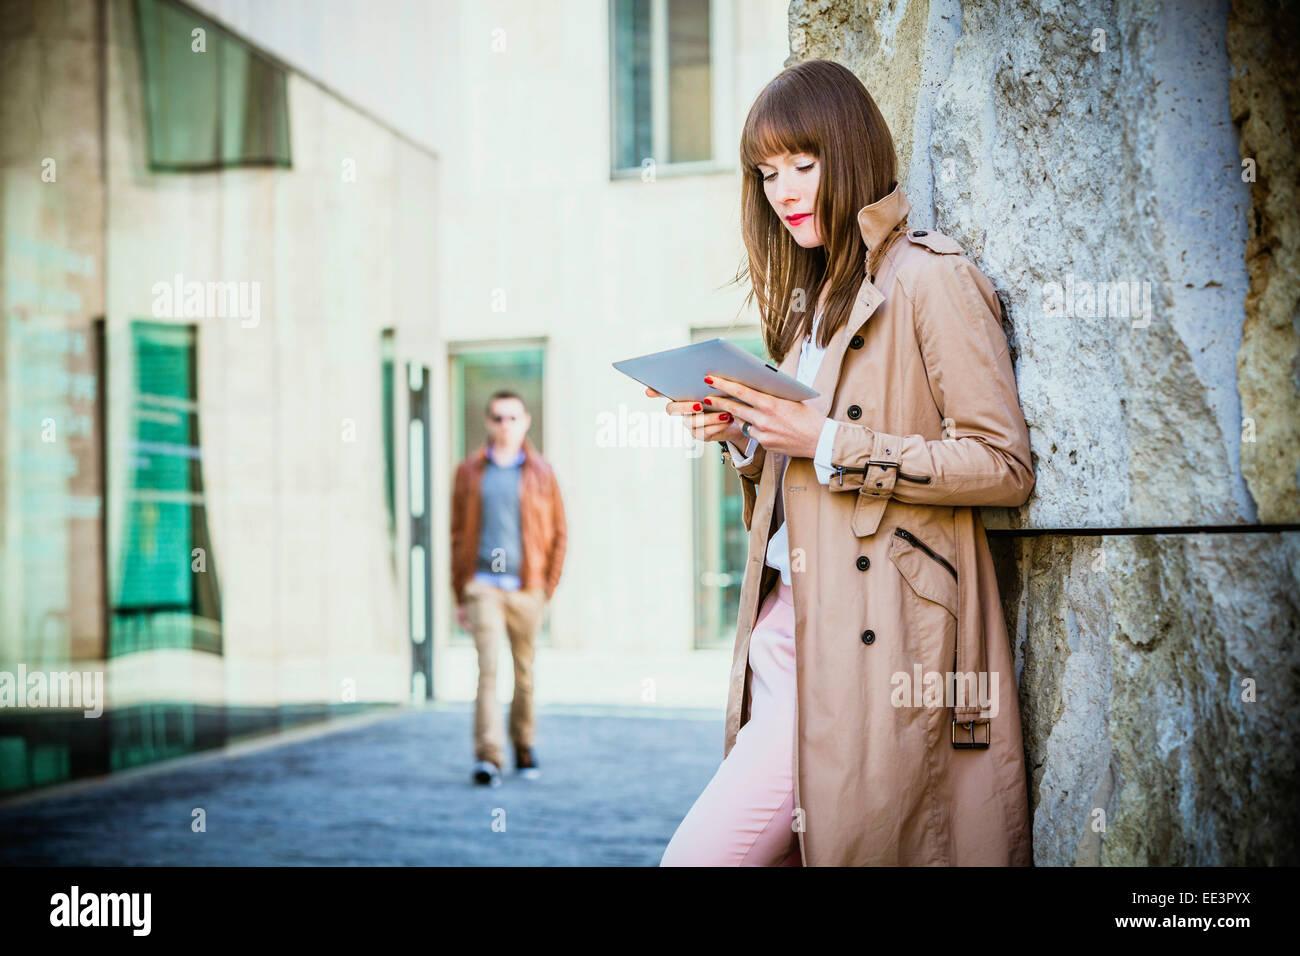 Giovane donna con tavoletta digitale all'aperto, Monaco di Baviera, Germania Immagini Stock